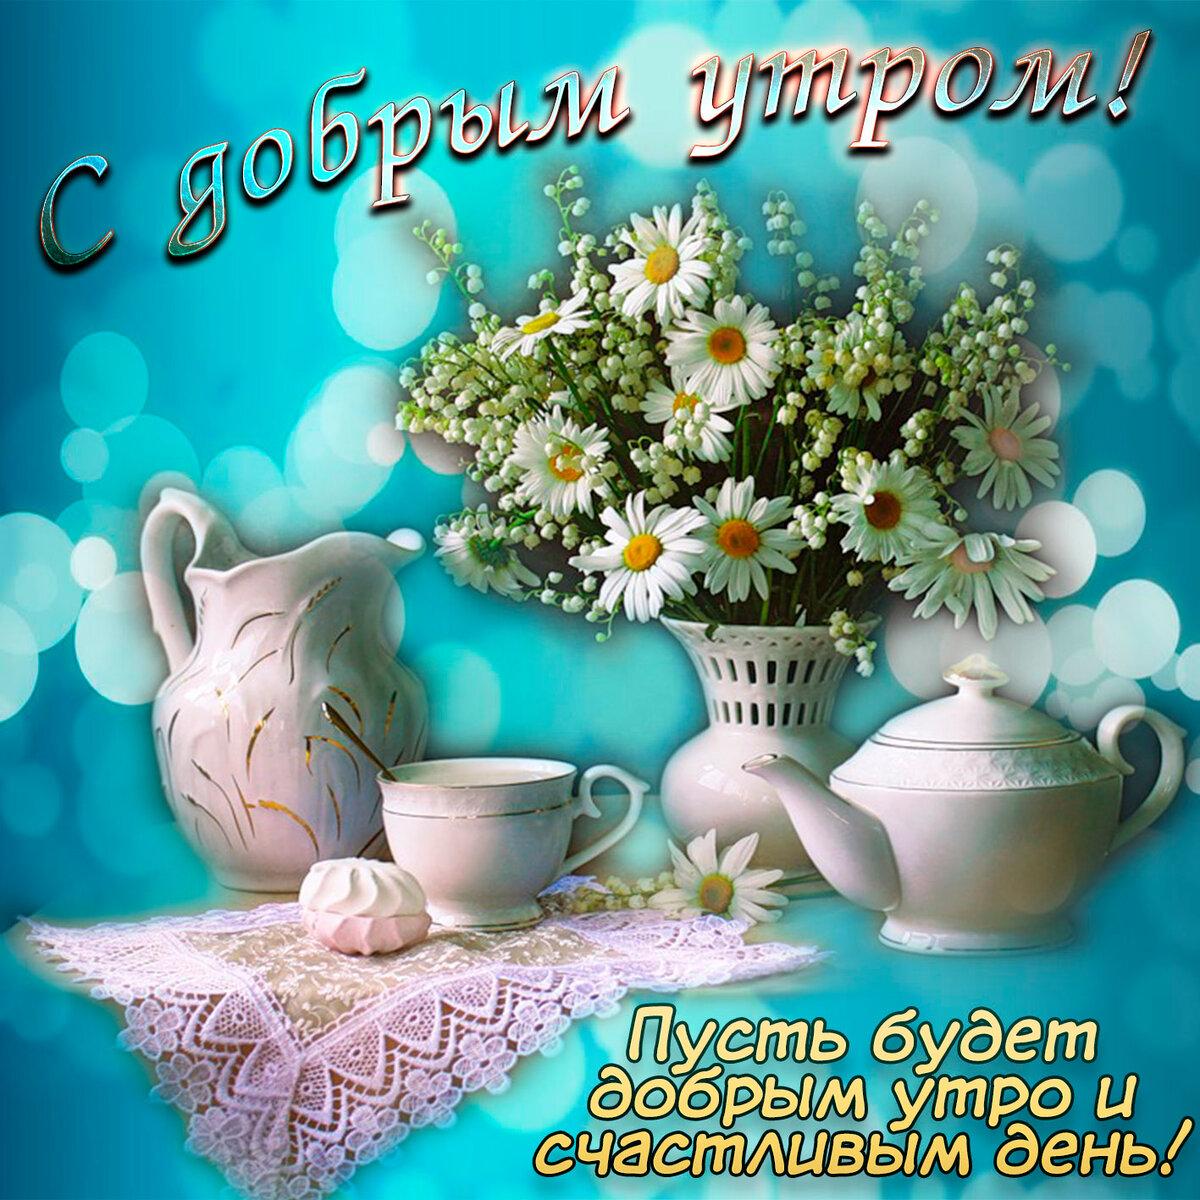 Пожелания хорошего дня в любую погоду ускорения роста